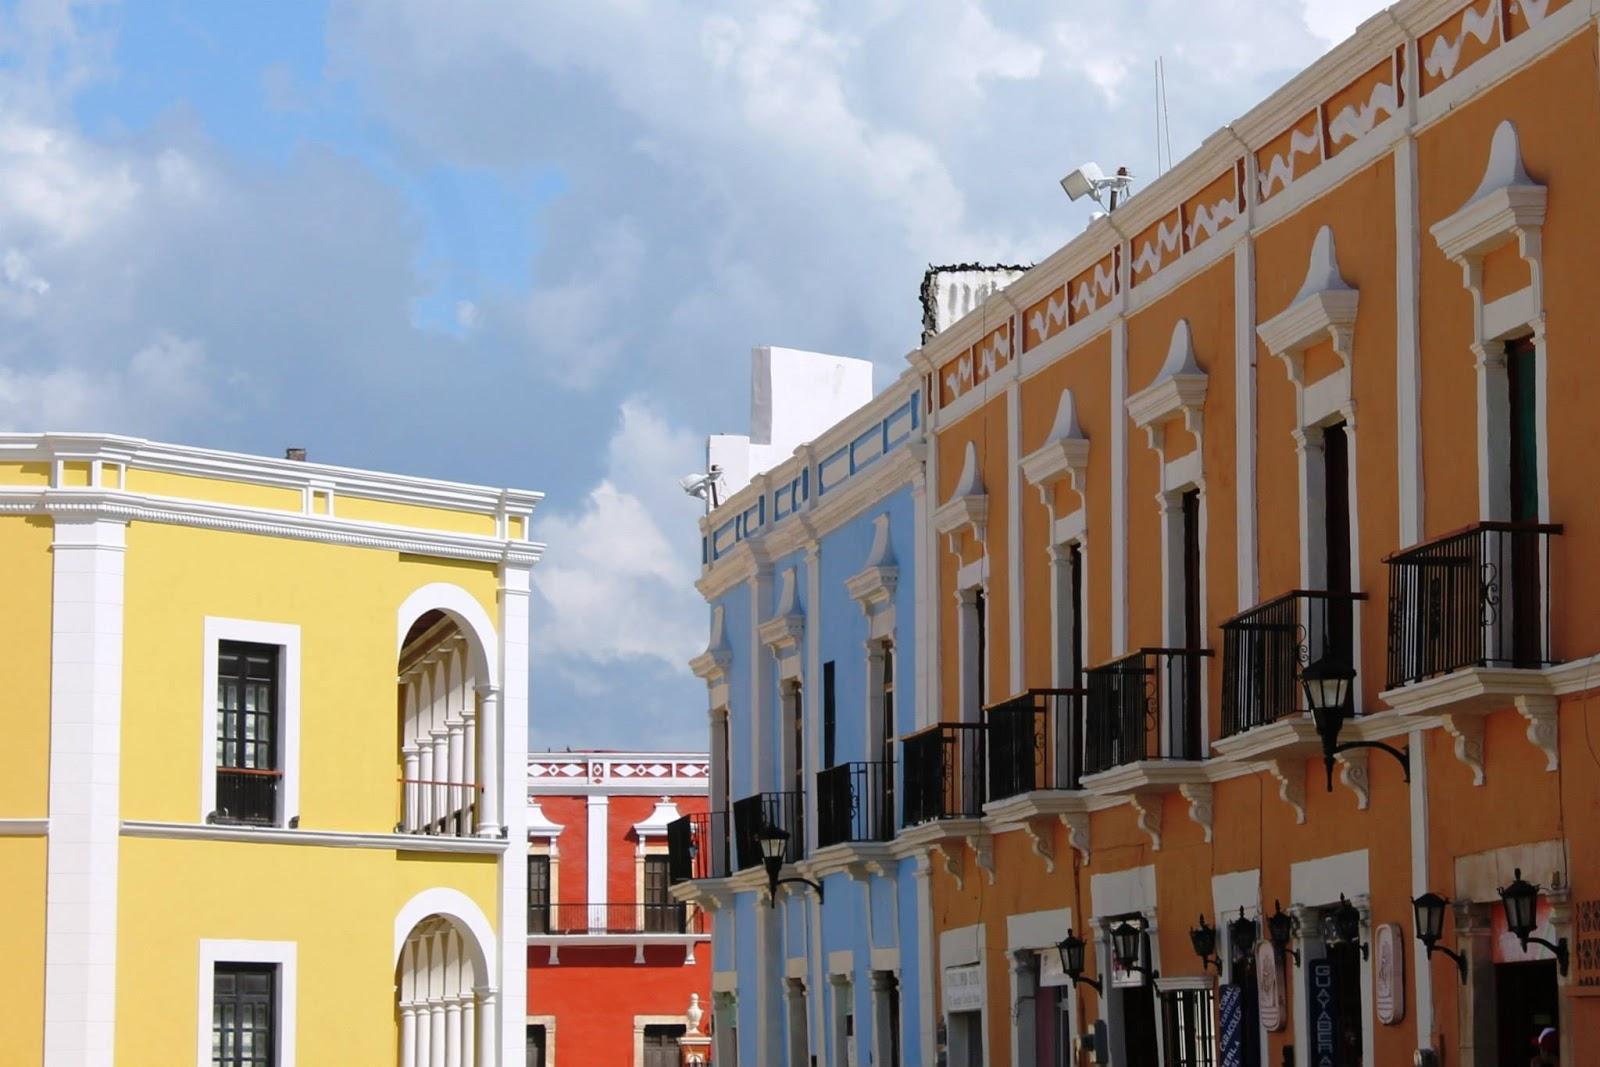 centro storico coloniale campeche messico